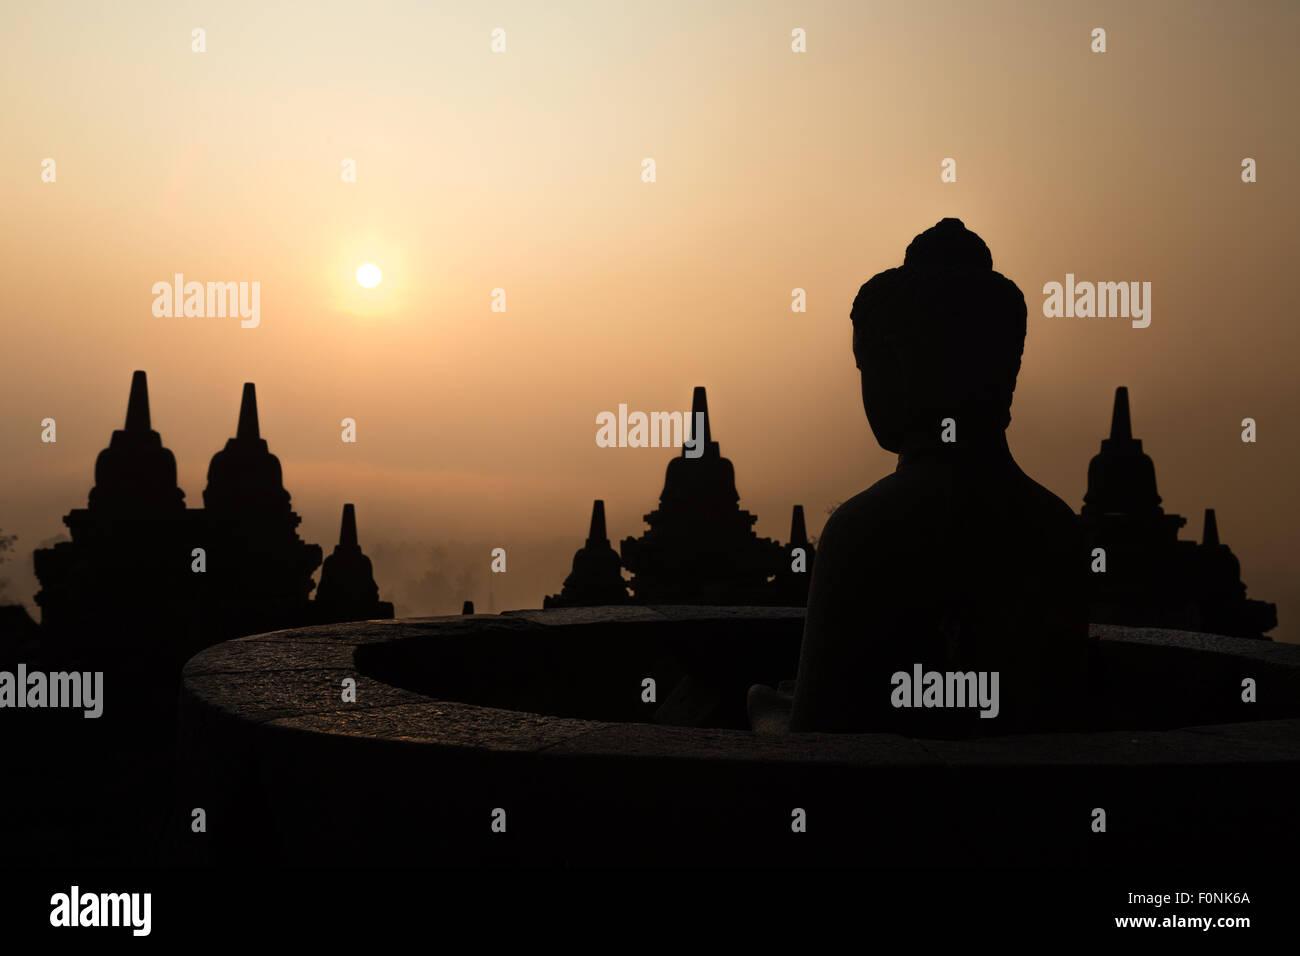 Sagome di una statua del Buddha presso il sito patrimonio mondiale dell'Unesco il tempio di Borobudur all'alba Immagini Stock